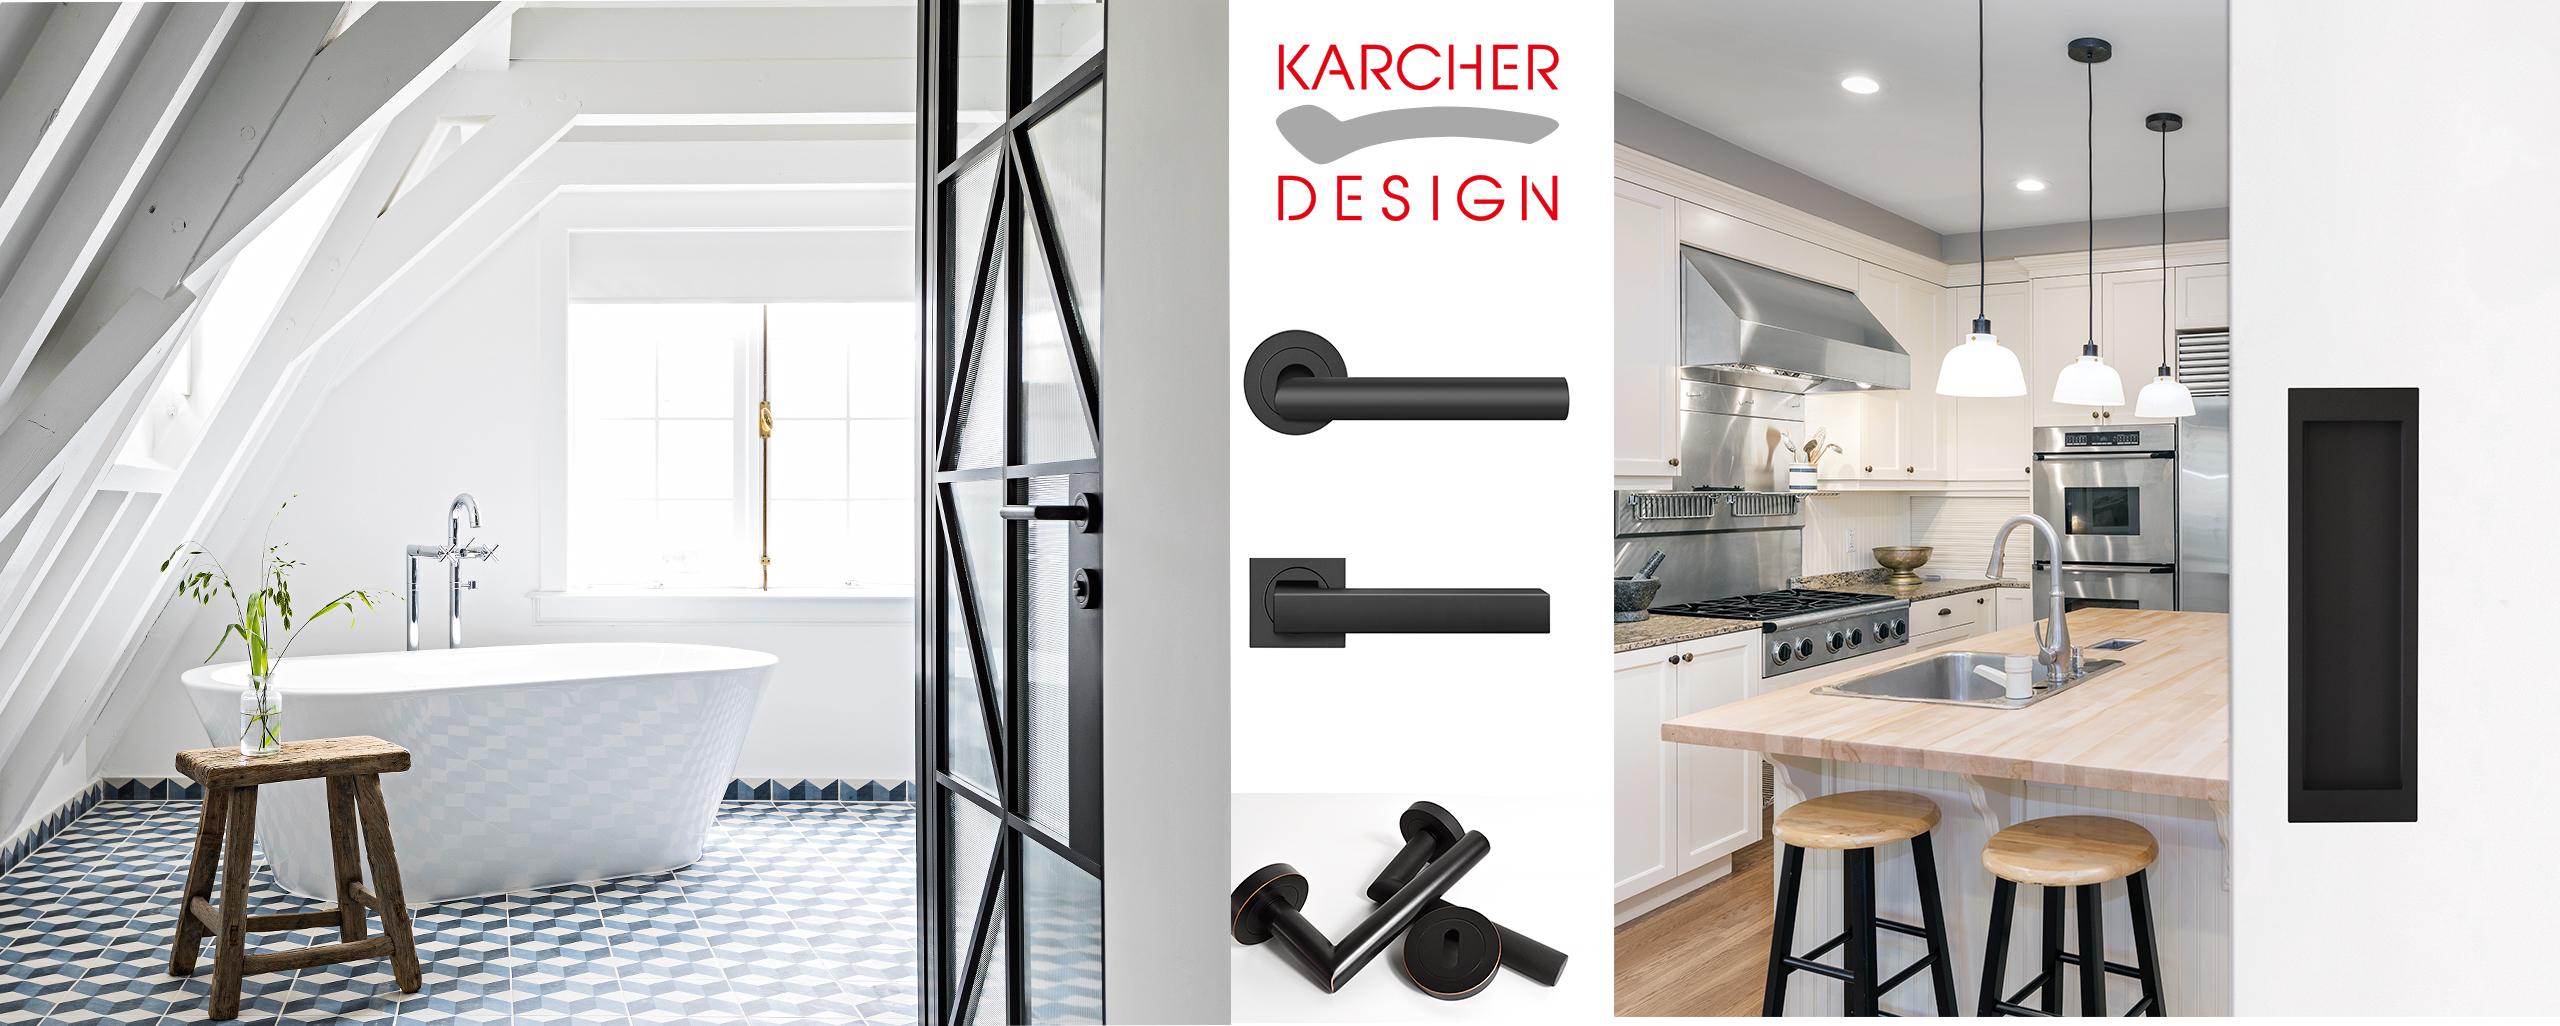 Karcher, Designtürgriffe Black Edition | BWE, Unterschleißheim, Header